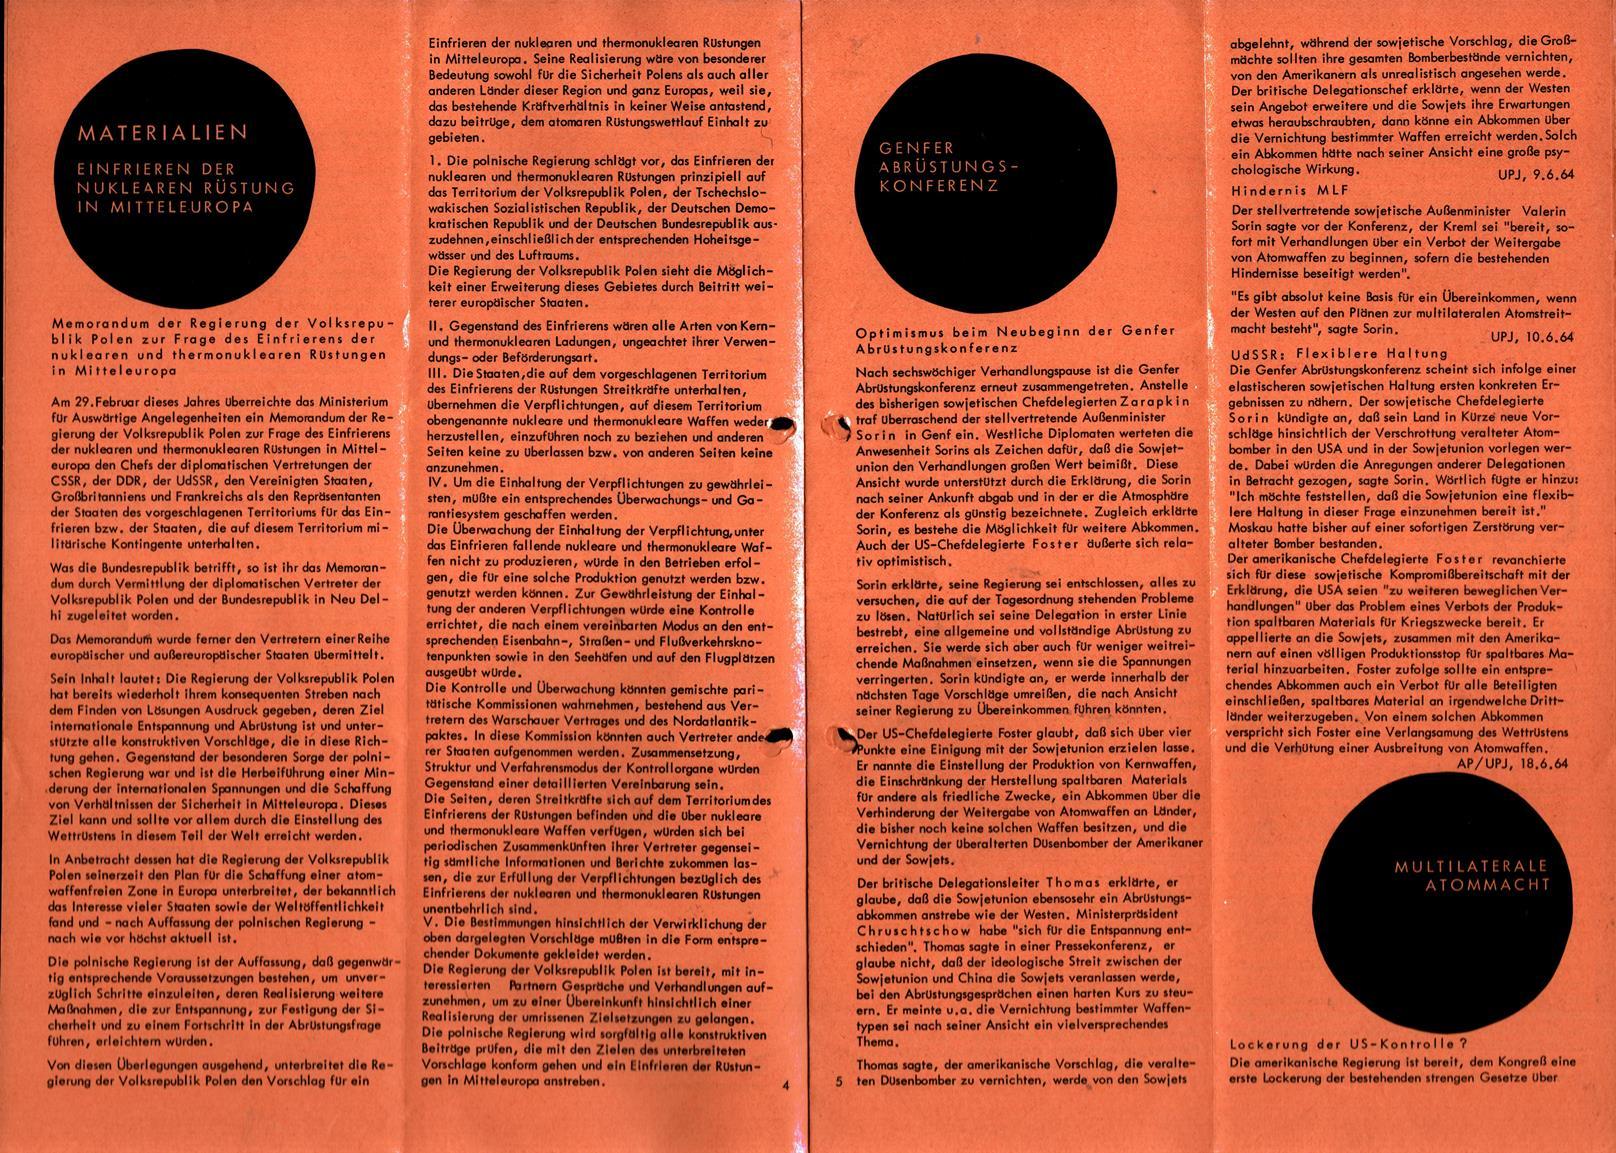 Infos_zur_Abruestung_1964_012_013_003